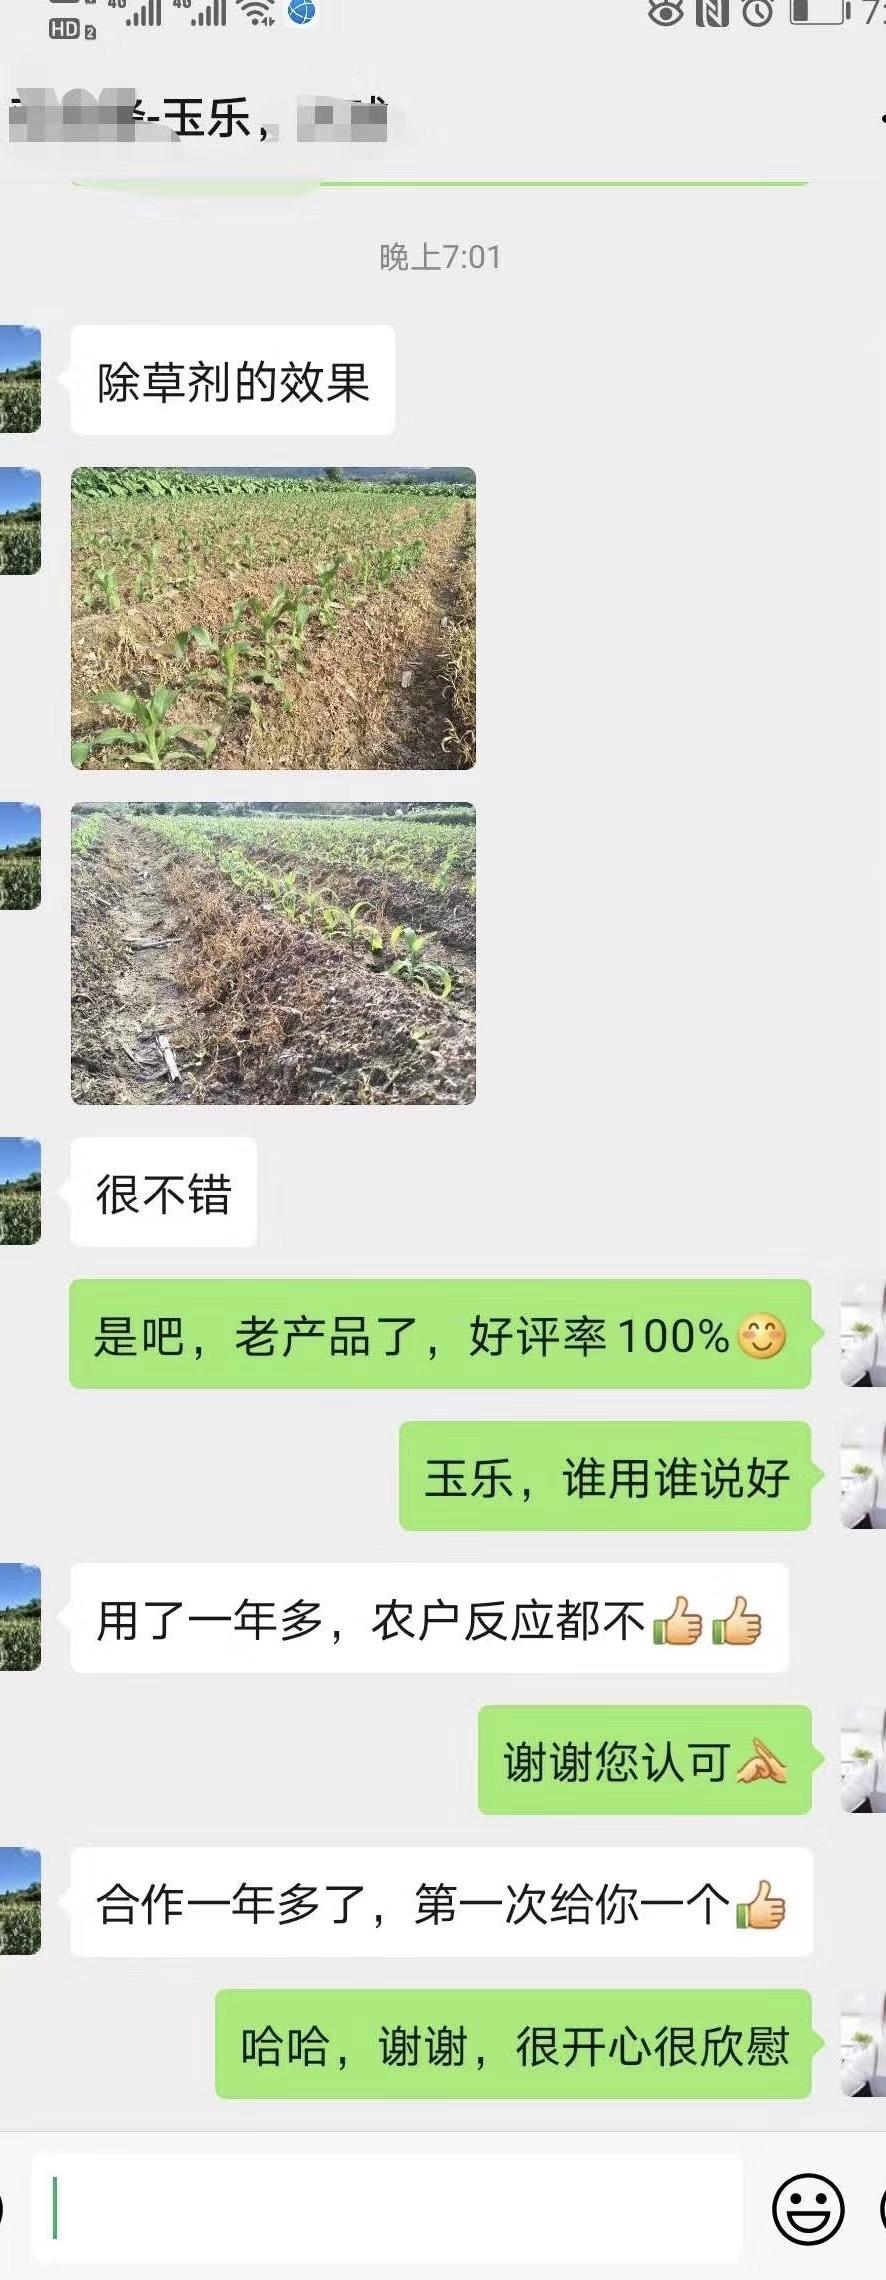 迪庆甜糯玉米除草剂